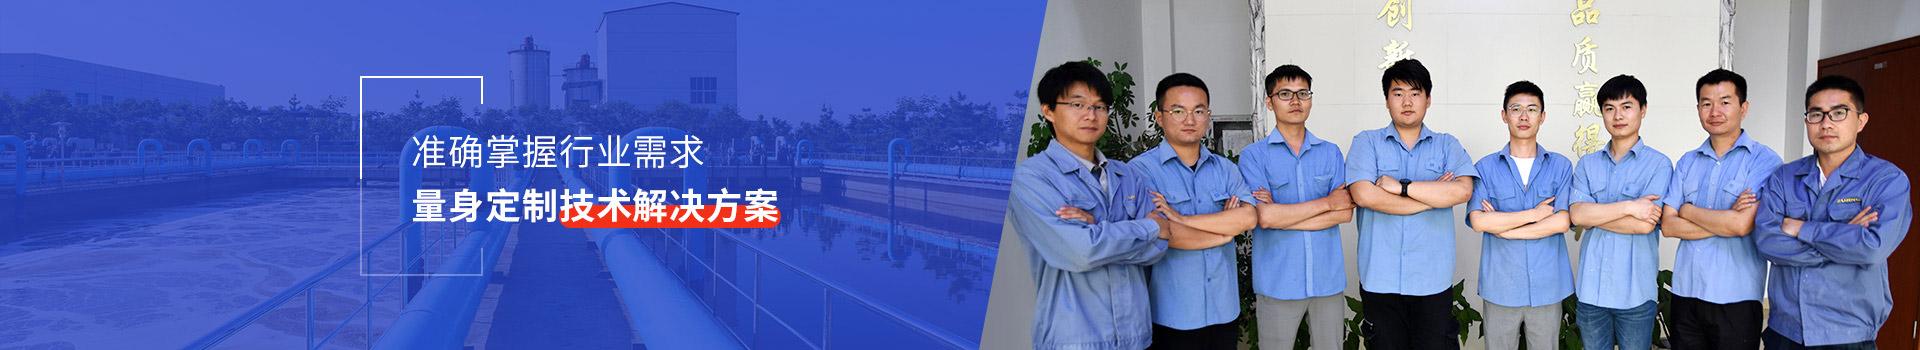 苏净新材料-准确掌握行业需求,量身定制技术解决方案